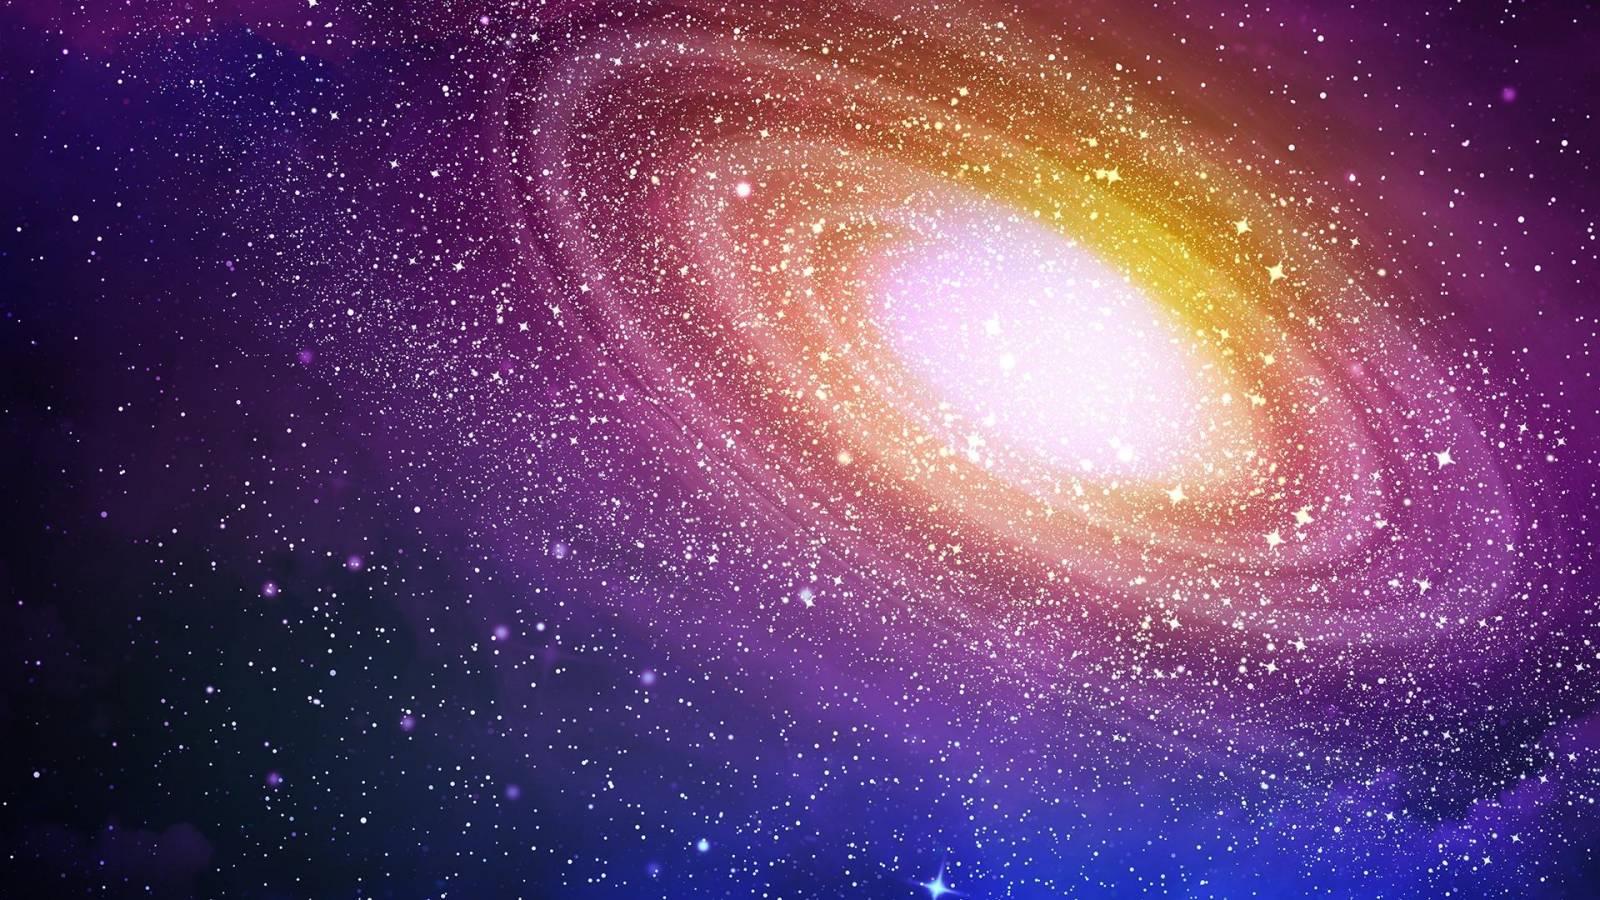 Universul NU ar fi Atat de BATRAN precum Credeau Cercetatorii